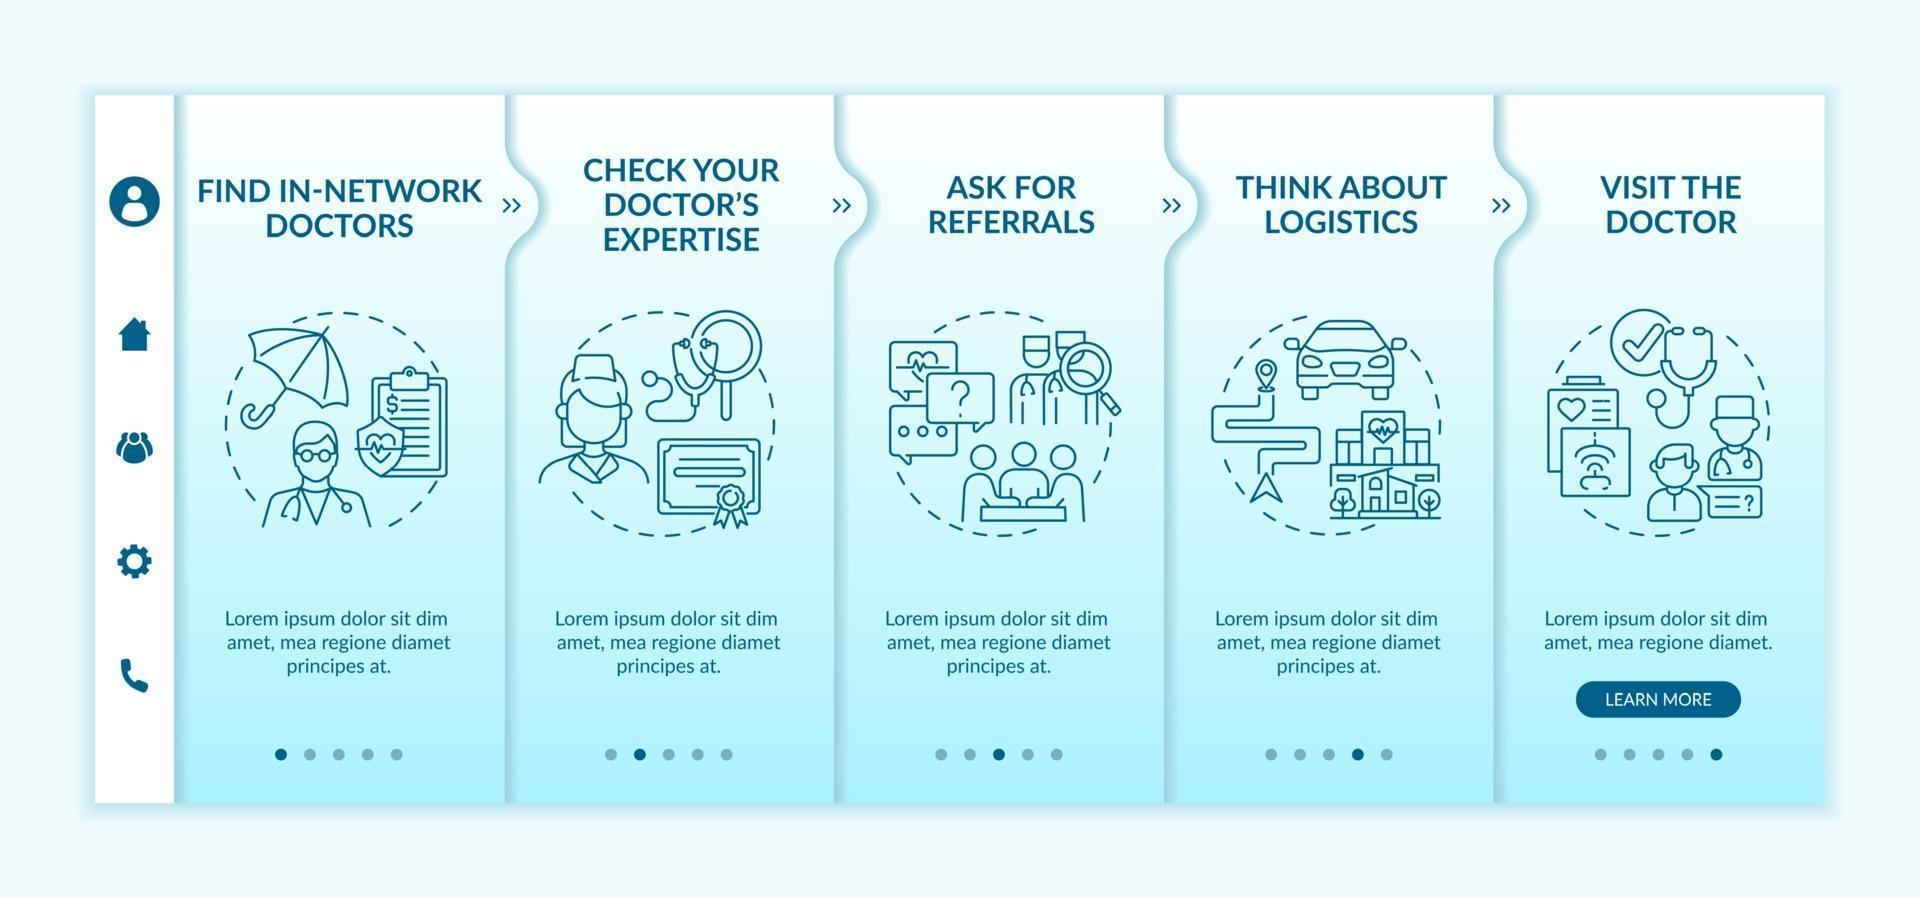 kiezen voor huisarts tips onboarding vector sjabloon